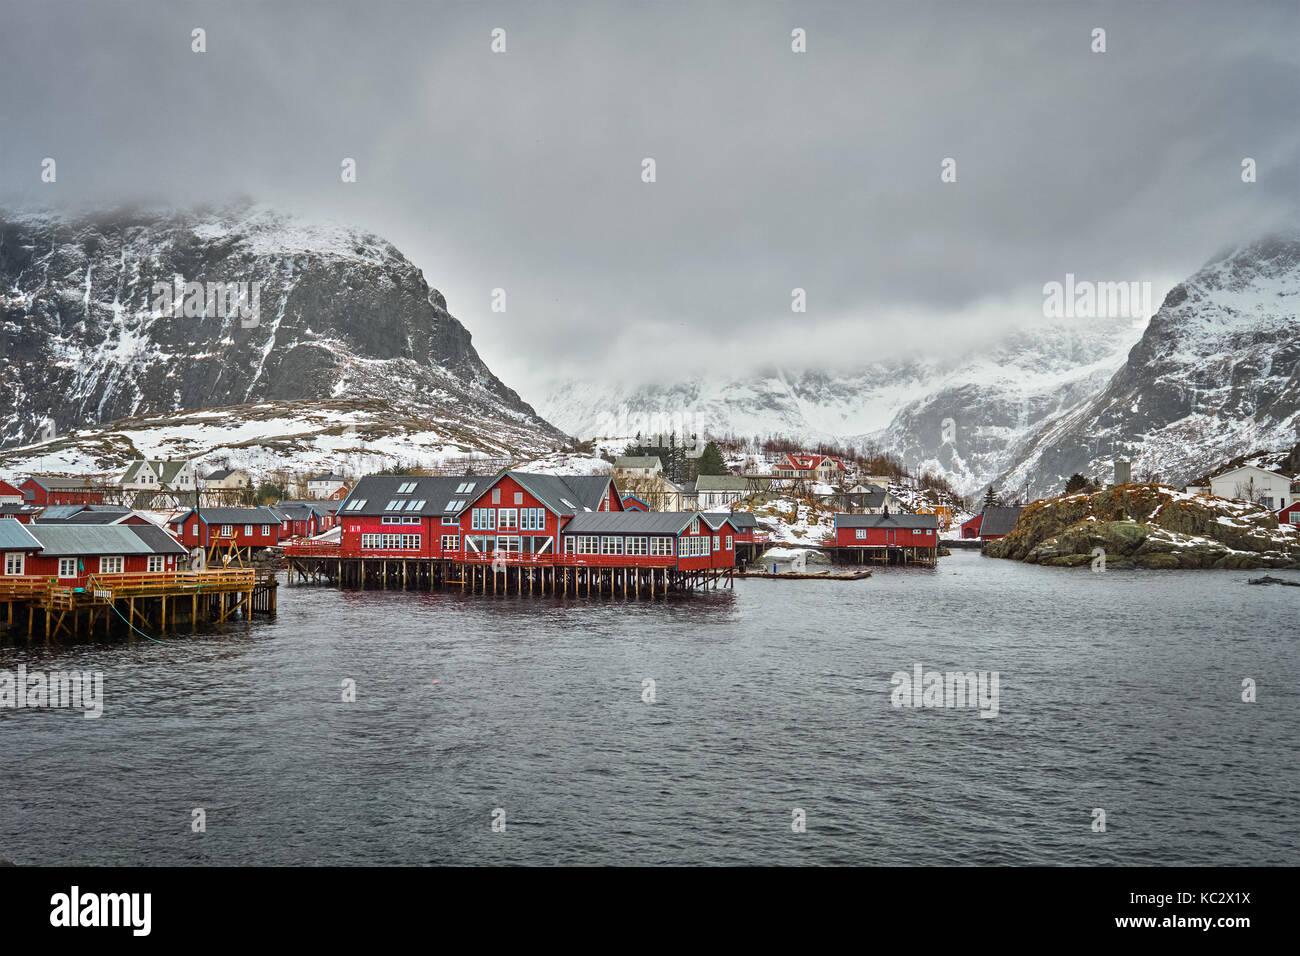 Una aldea en las islas Lofoten, Noruega Imagen De Stock